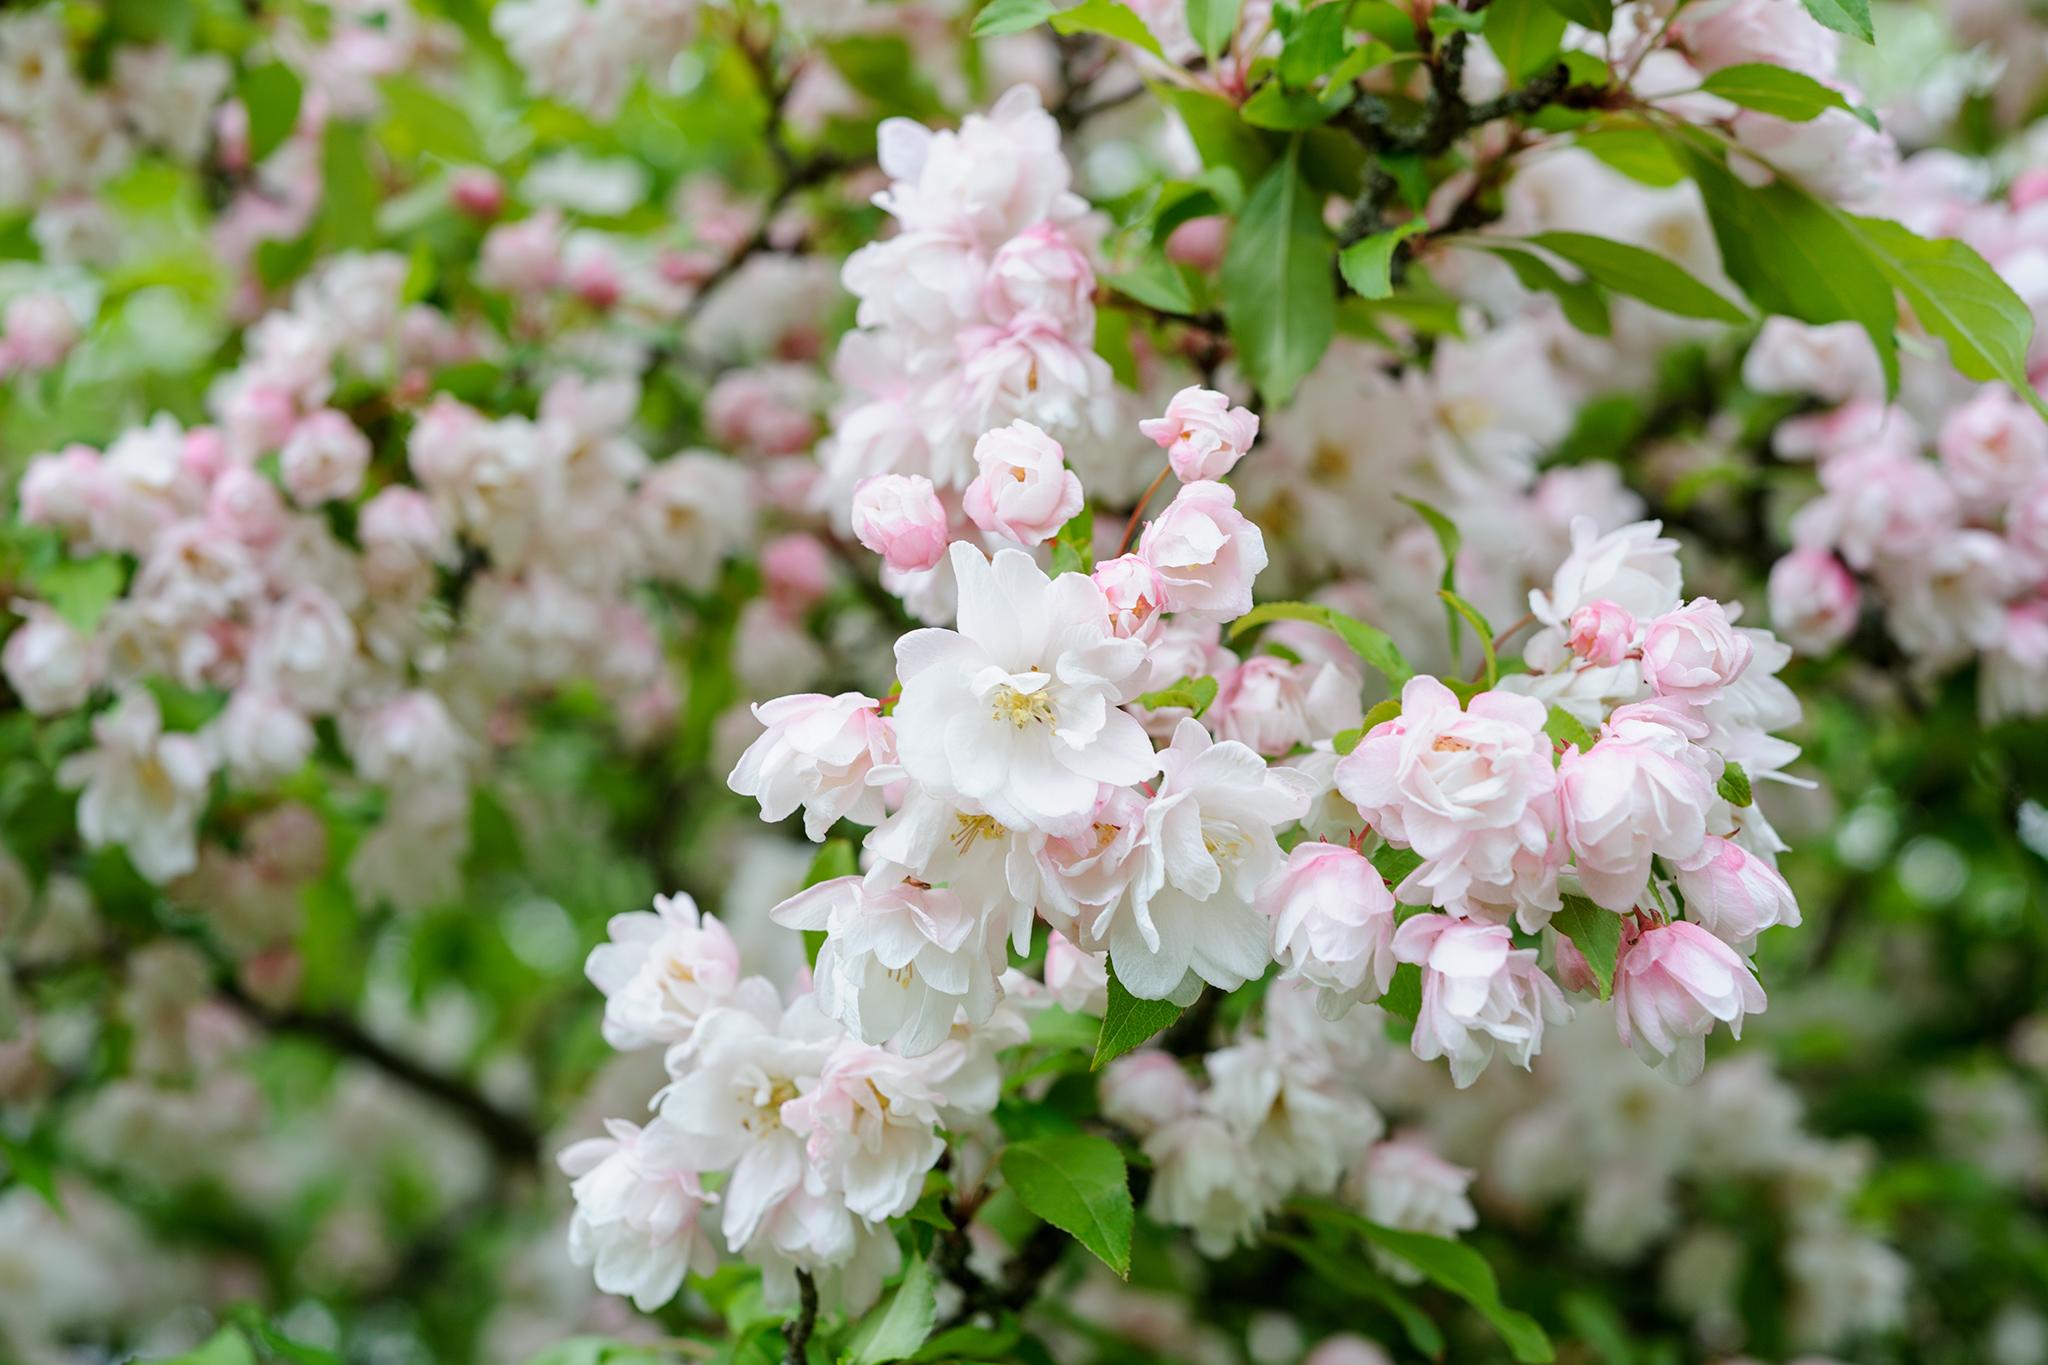 Blossom on apple tree